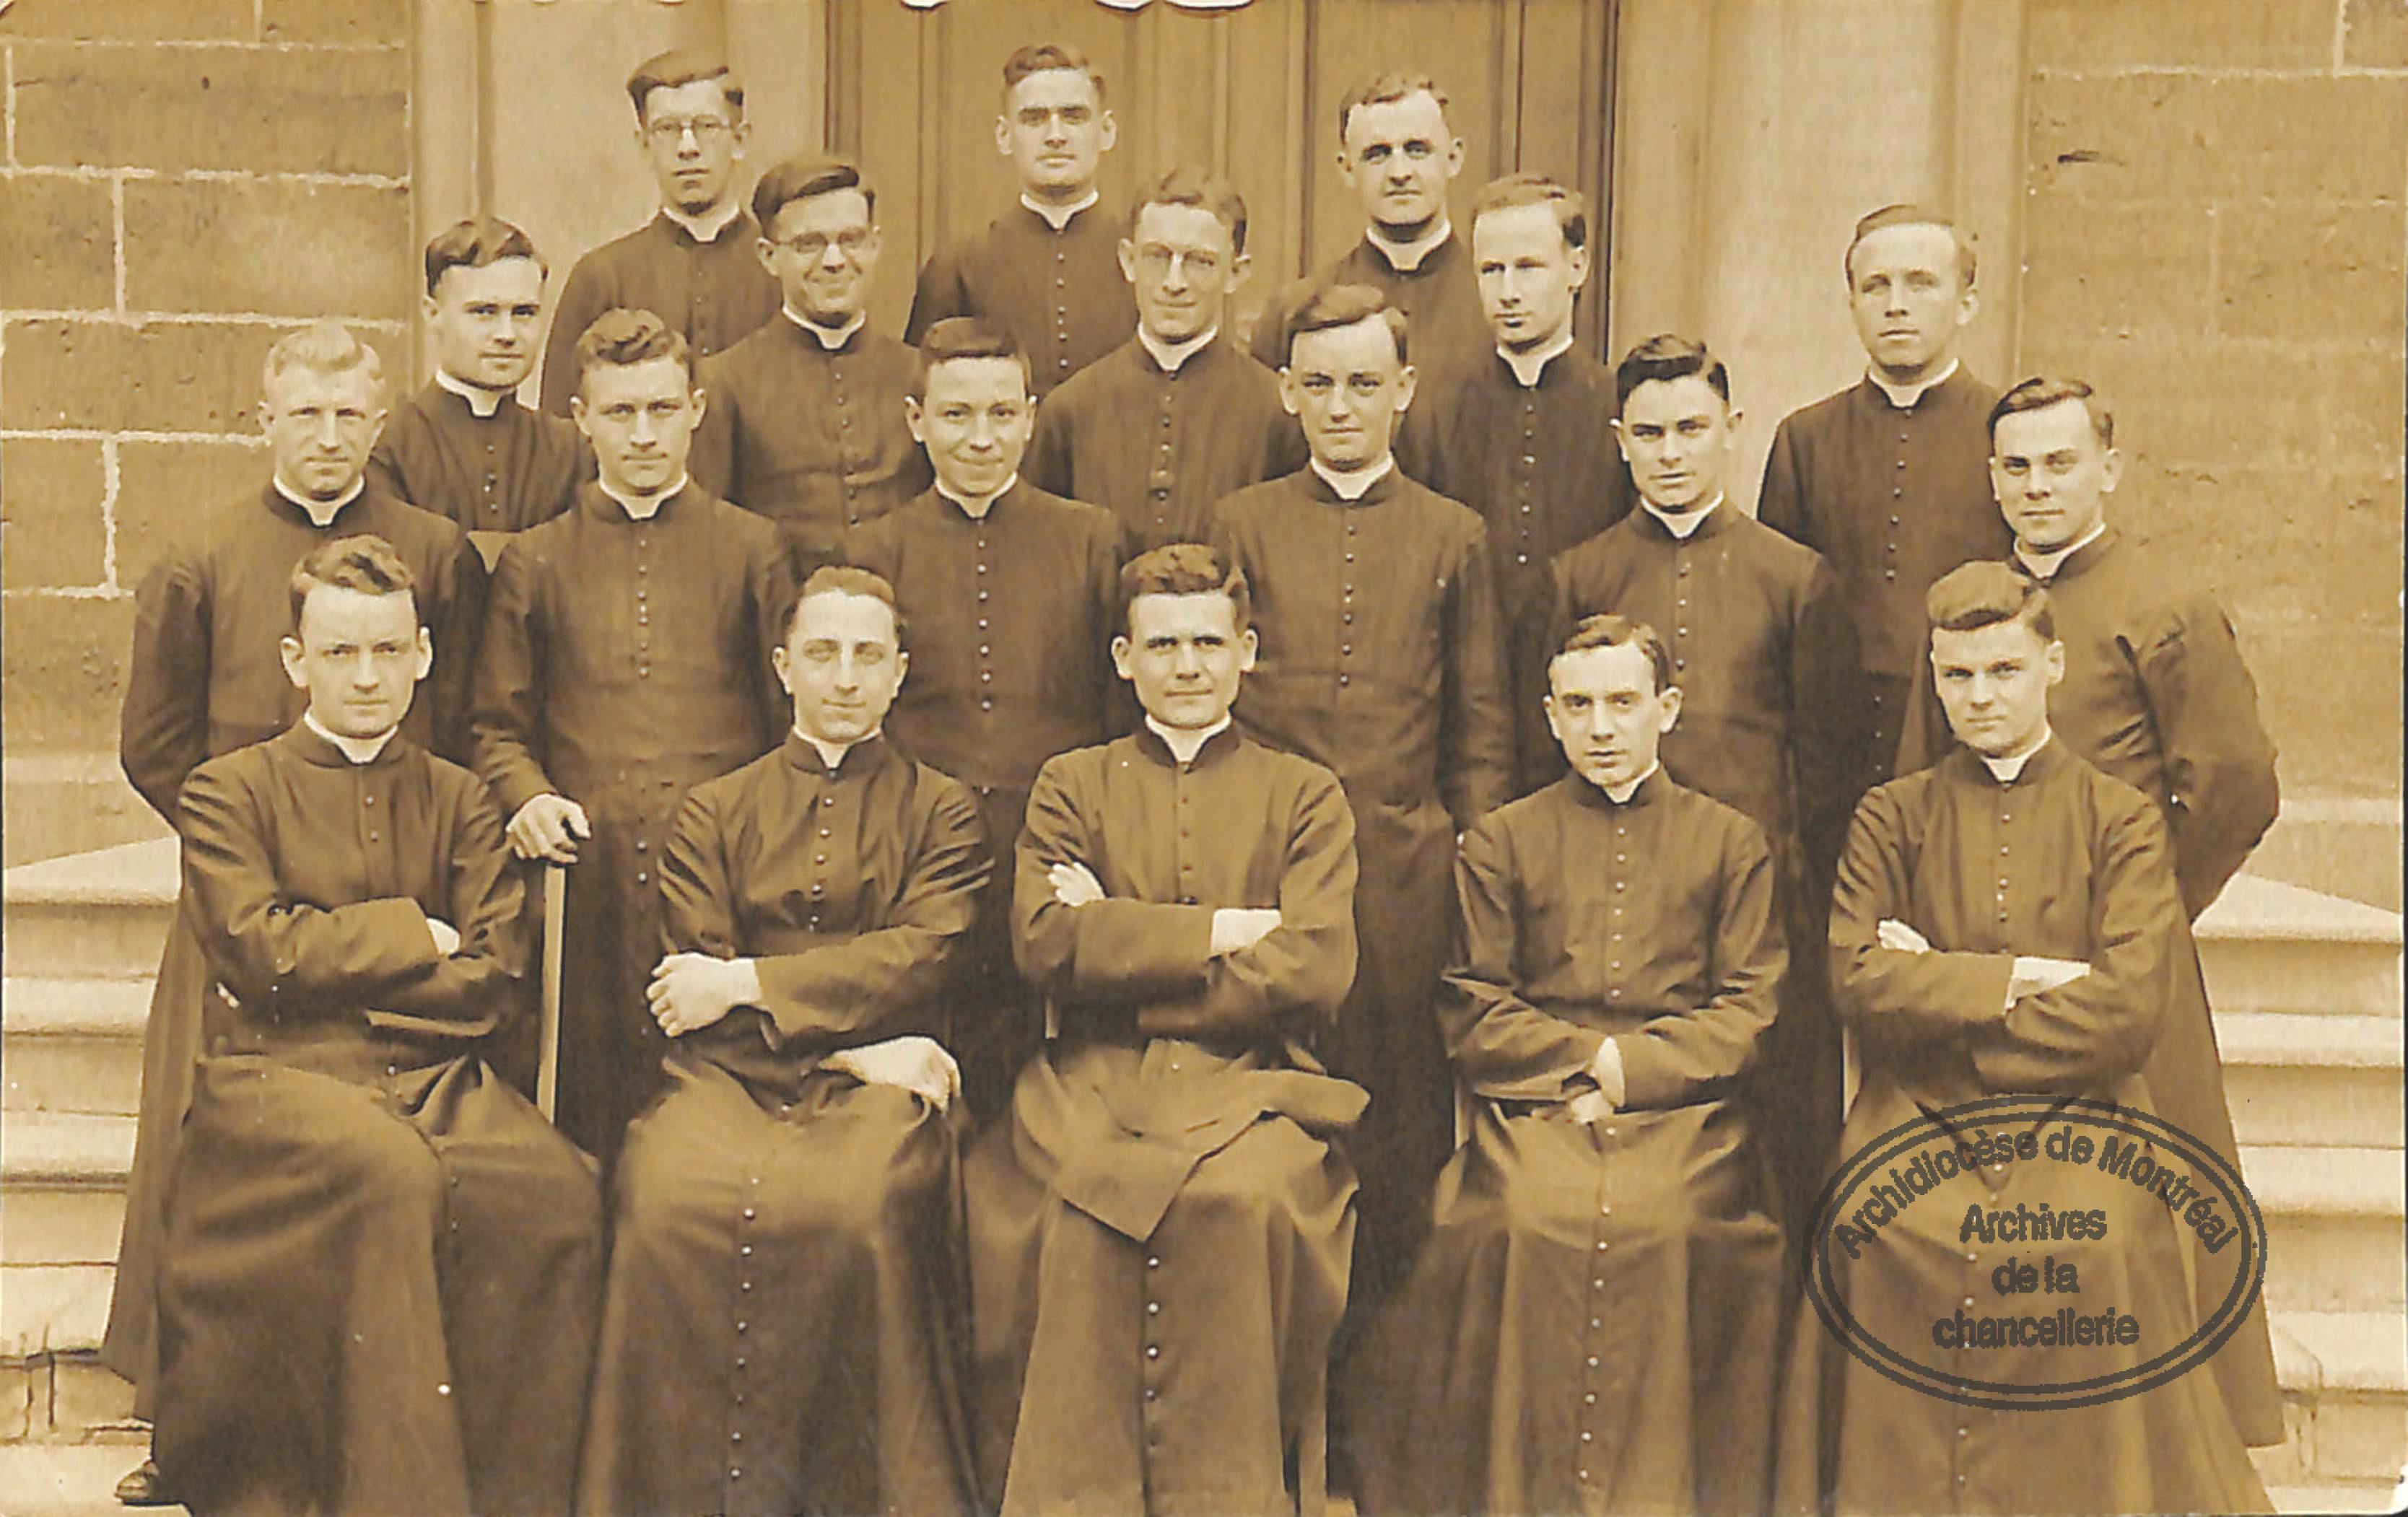 Photographie de groupe des jeunes prêtres posant devant le séminaire à Montréal. Paul-Émile se trouve en avant au centre.